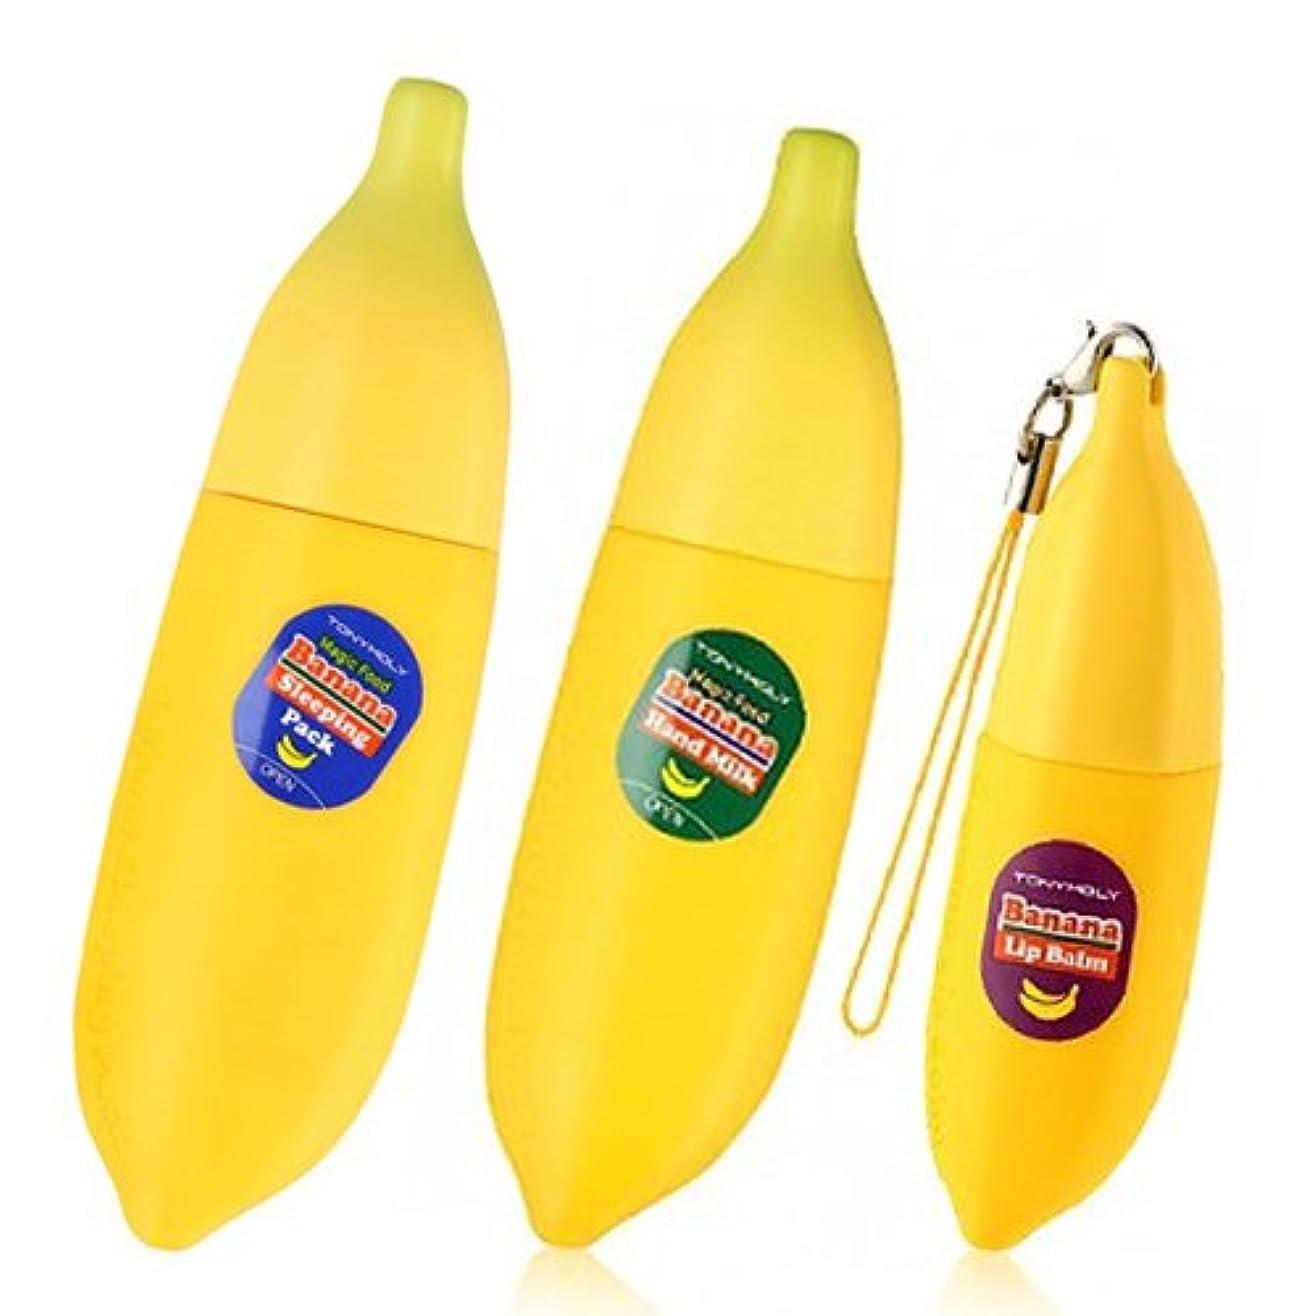 血注釈おいしいTONYMOLY (トニーモリ―) マジックフードバナナ3種類1セット(スリーピングパック+ハンドクリーム+リップバーム) Magic Food Banana of 3 Types (Sleeping Pack+Hand...